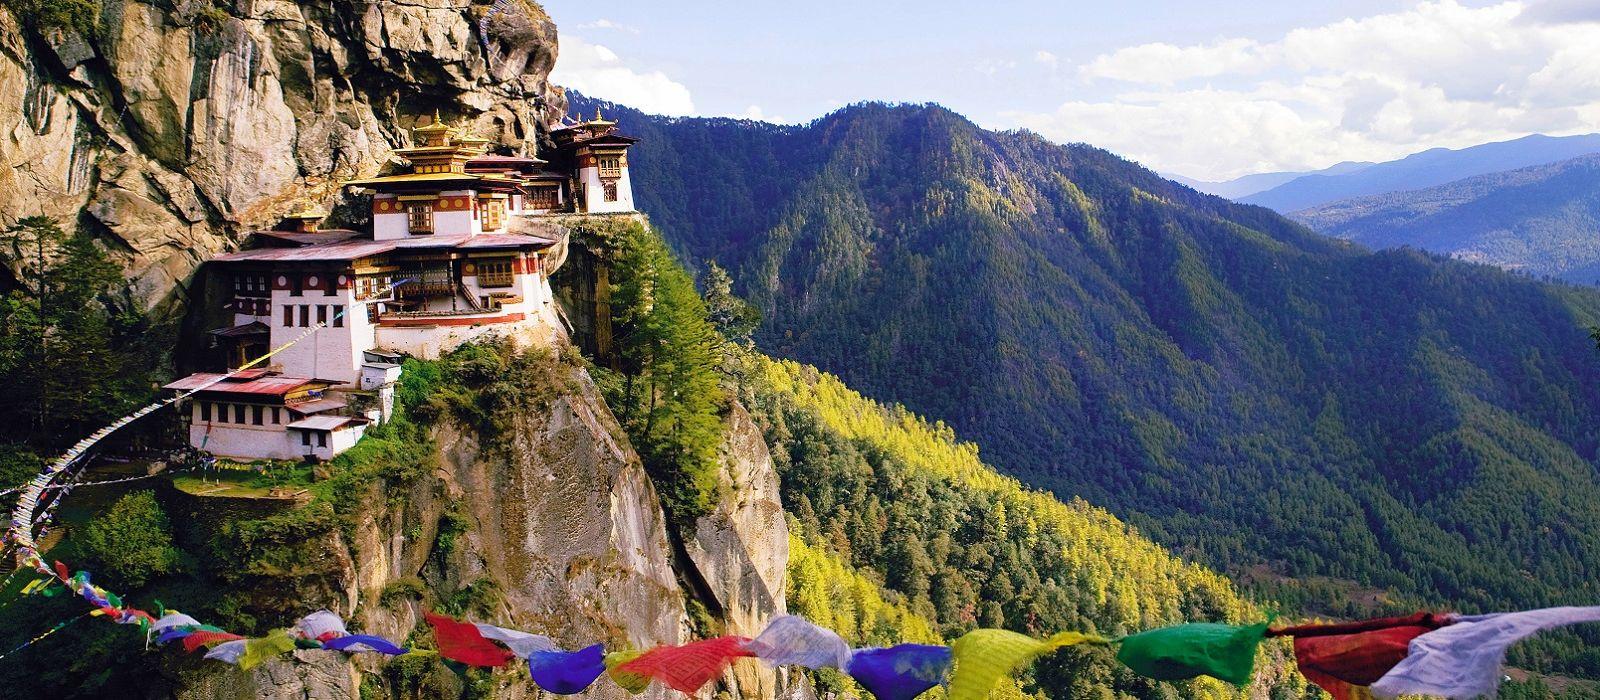 Höhepunkte von Sikkim und Bhutan Urlaub 3